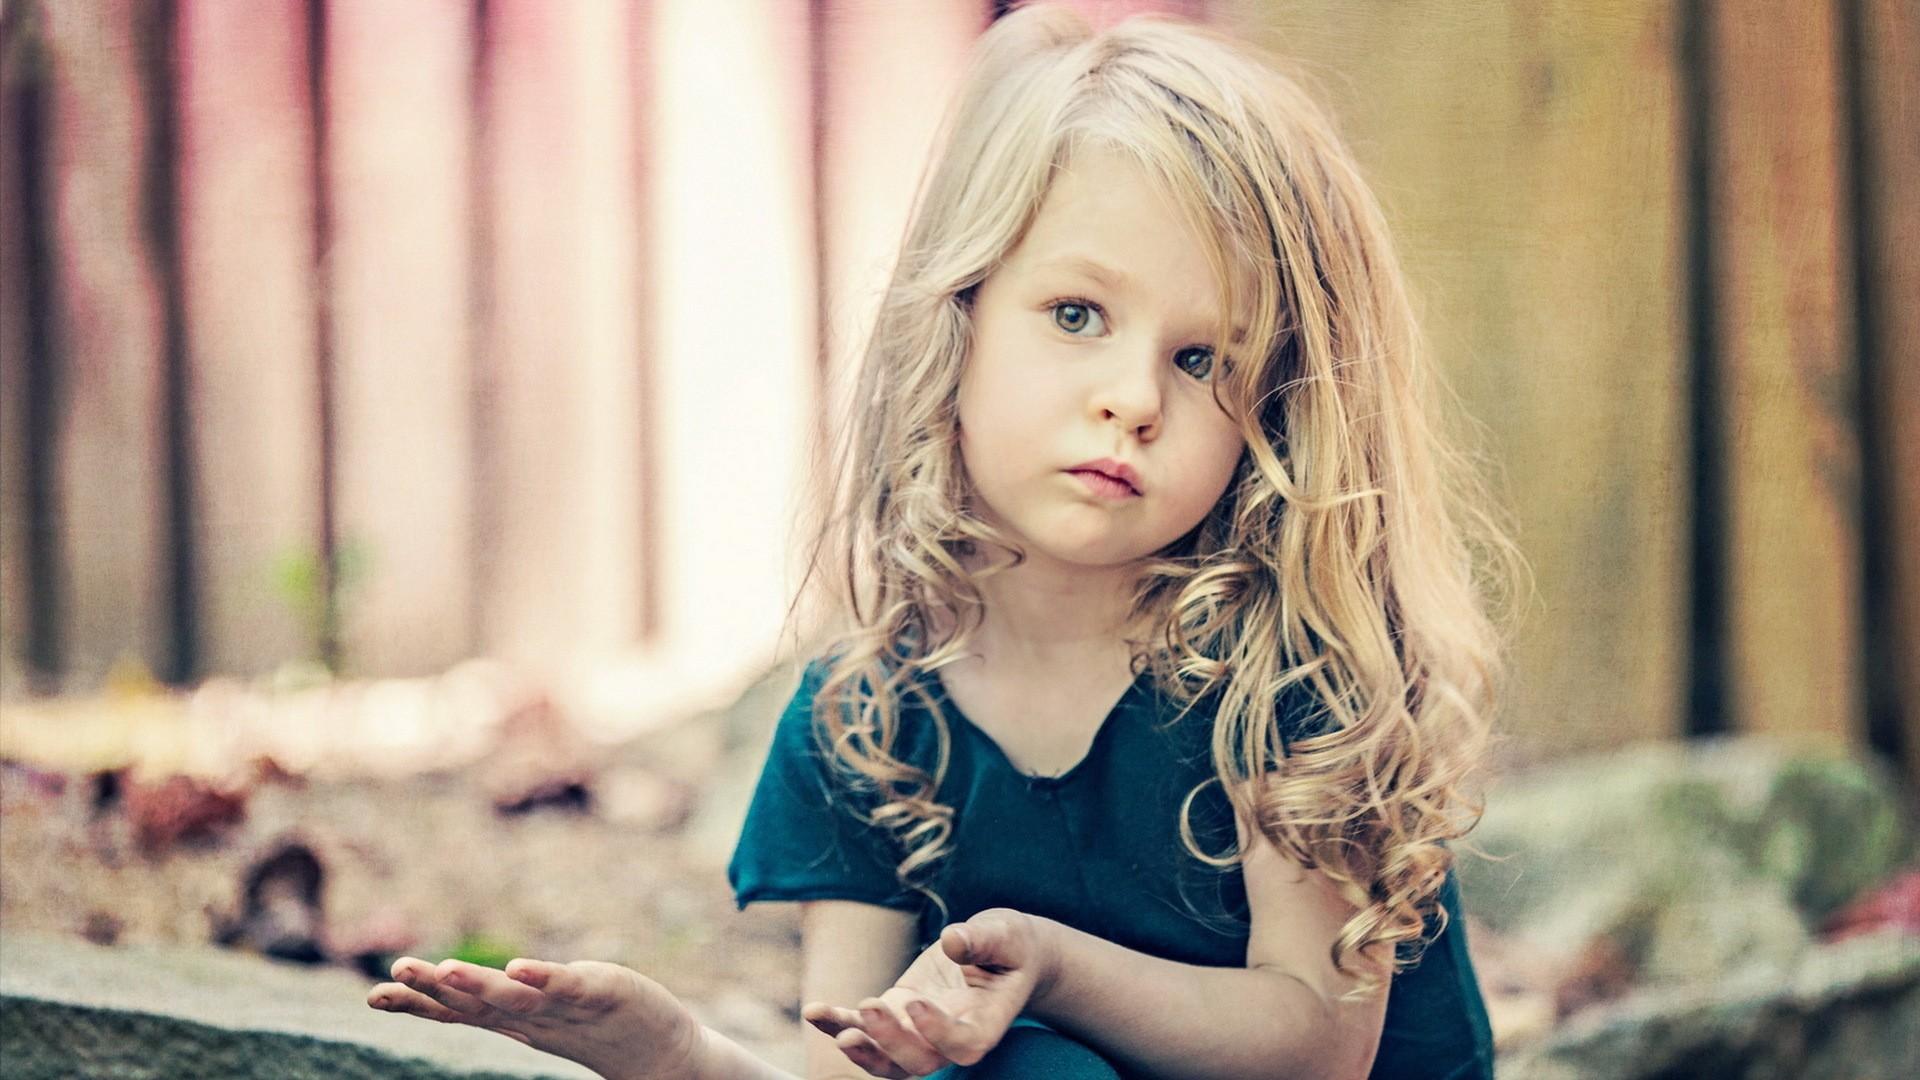 Девучка маленькая фото 2 фотография